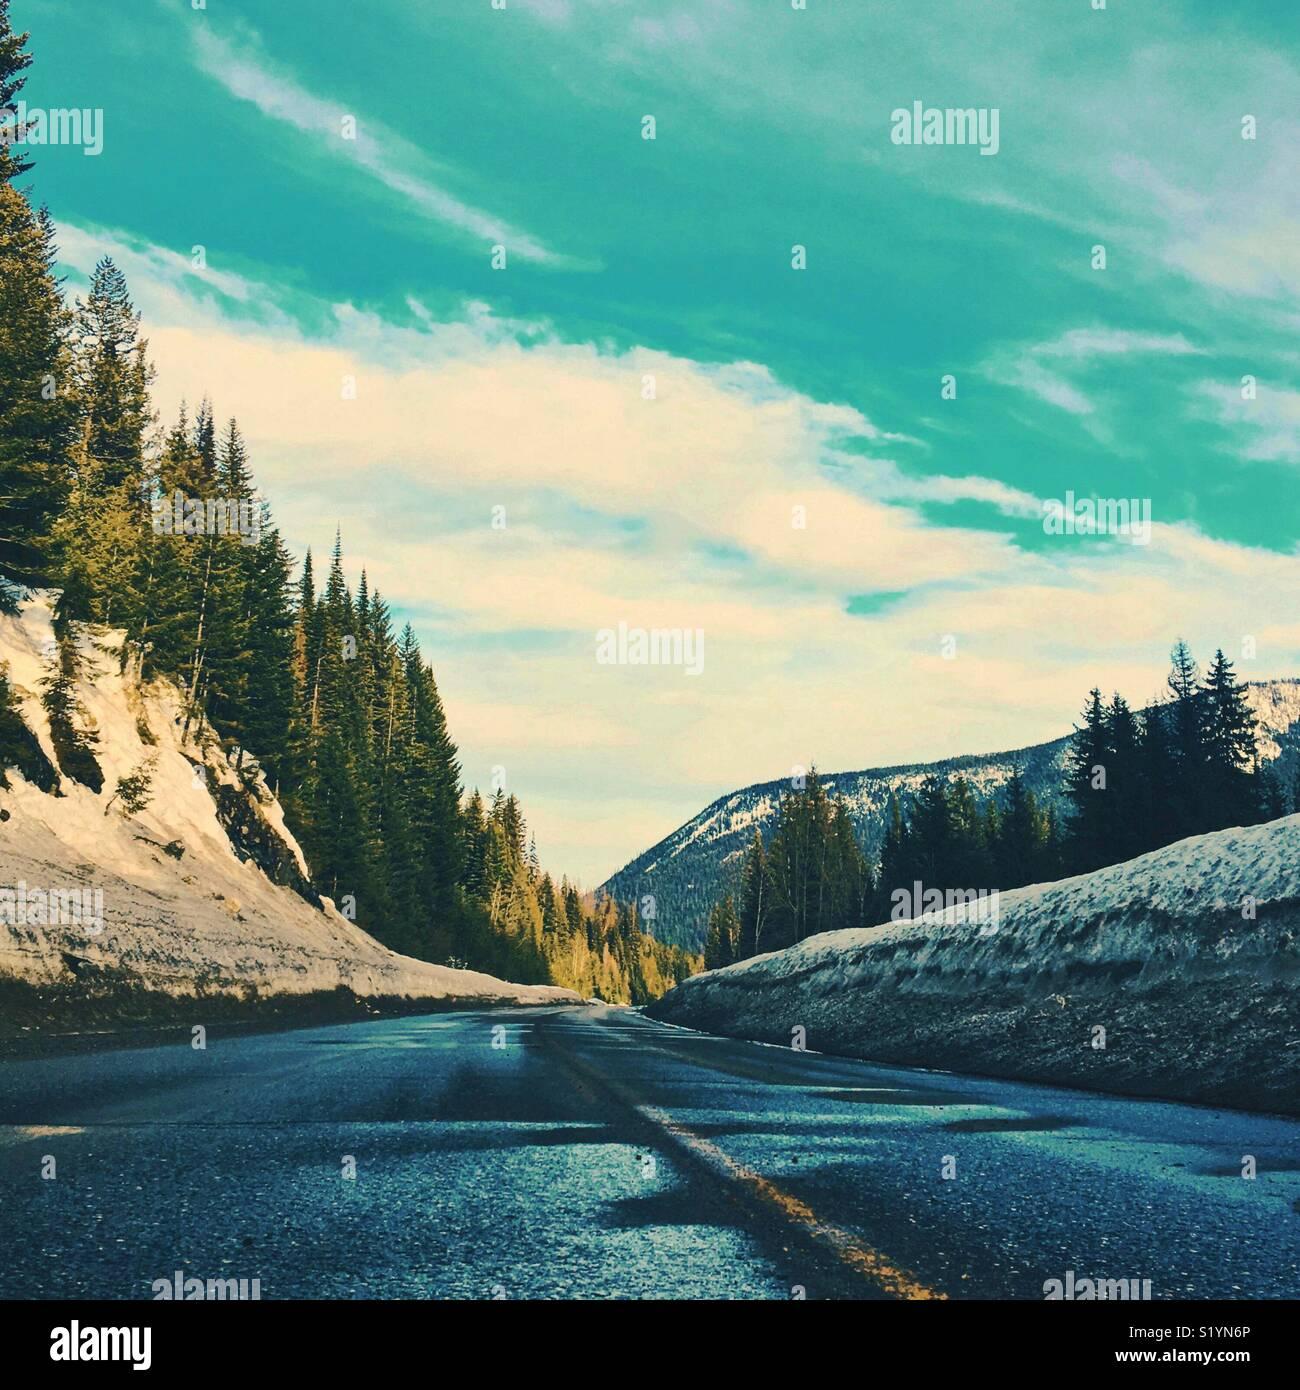 Autopista vacía en un soleado día de invierno. Recortar cuadrados. Espacio para copiar. Imagen De Stock